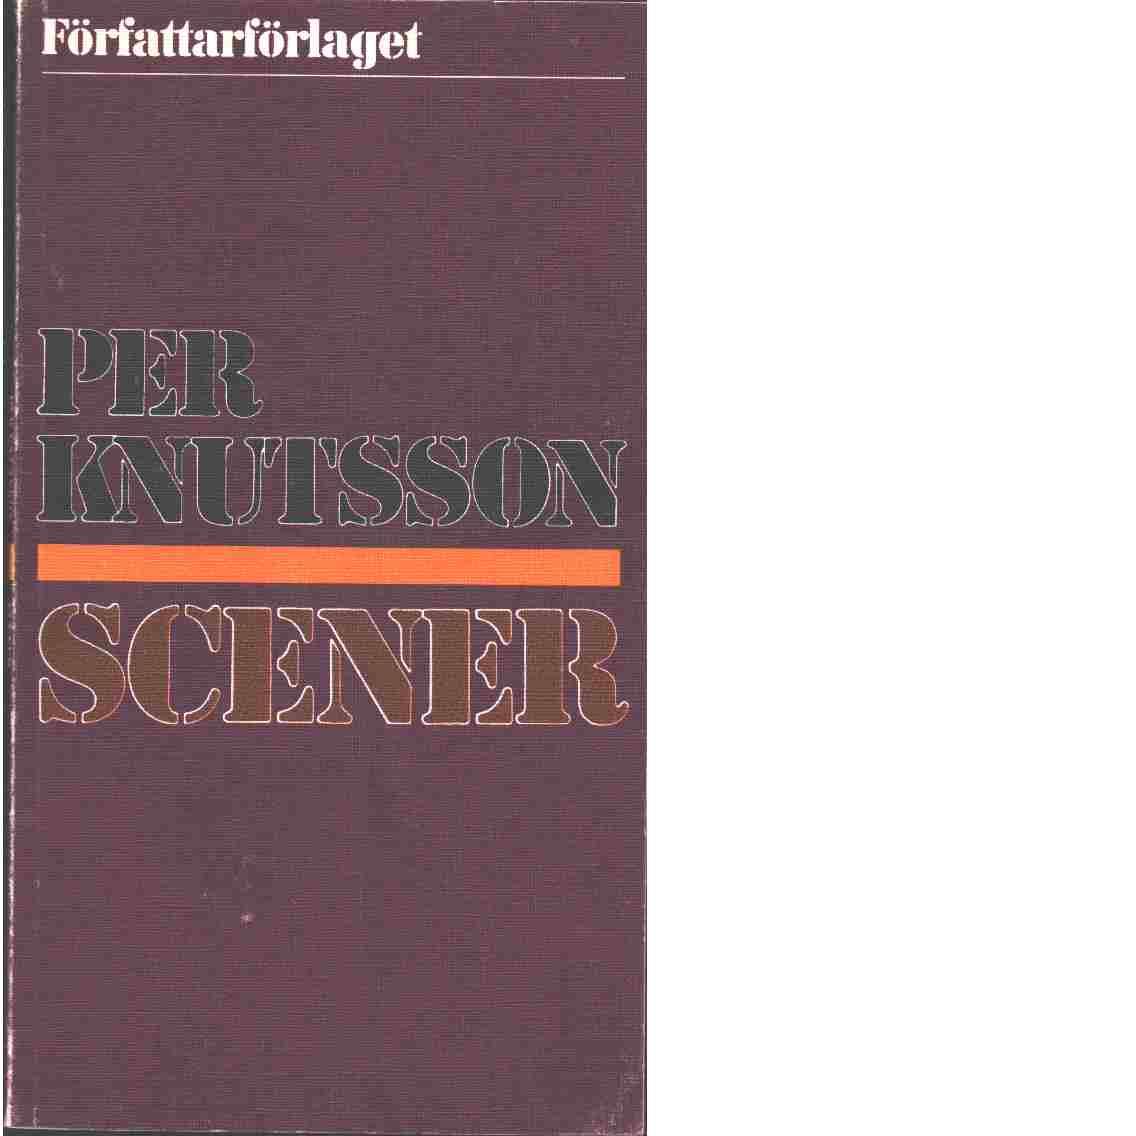 Scener. - Knutsson, Per